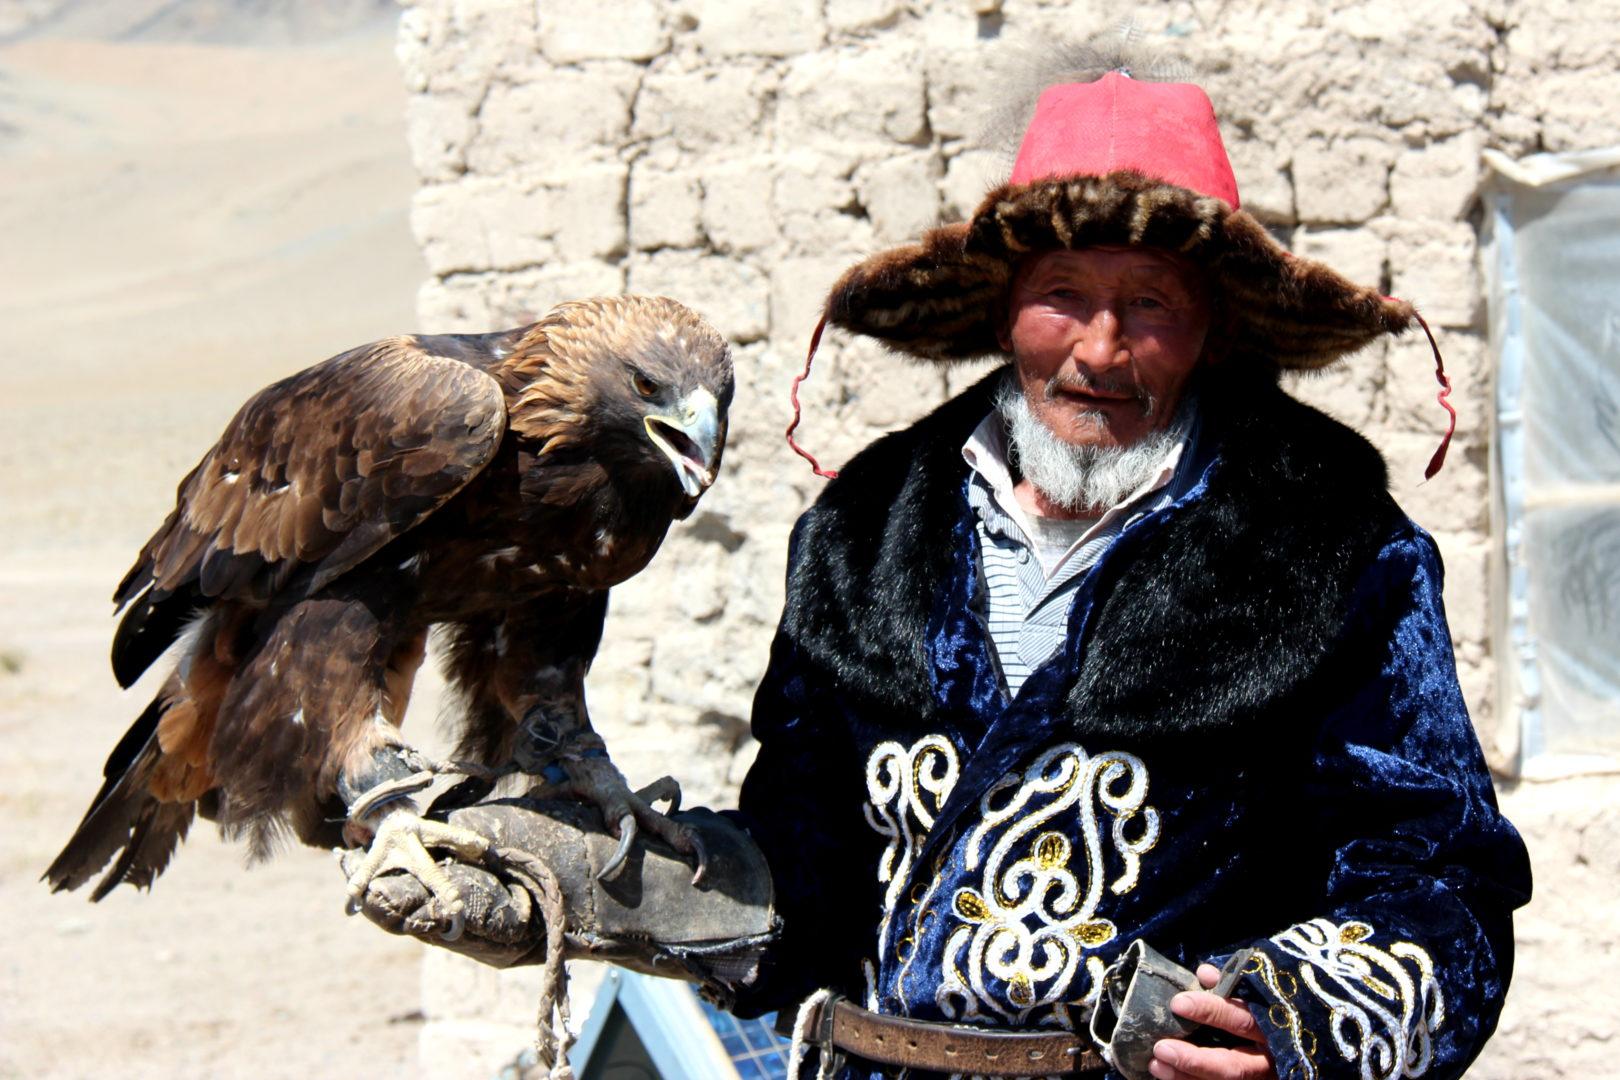 Mongolei-Reise: Adlerjäger in Tracht